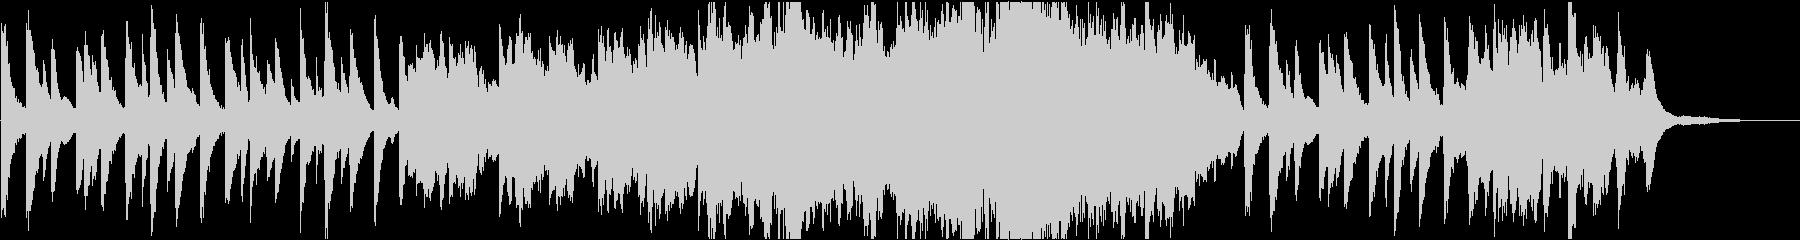 ドラマ6 16bit44.1kHzVerの未再生の波形